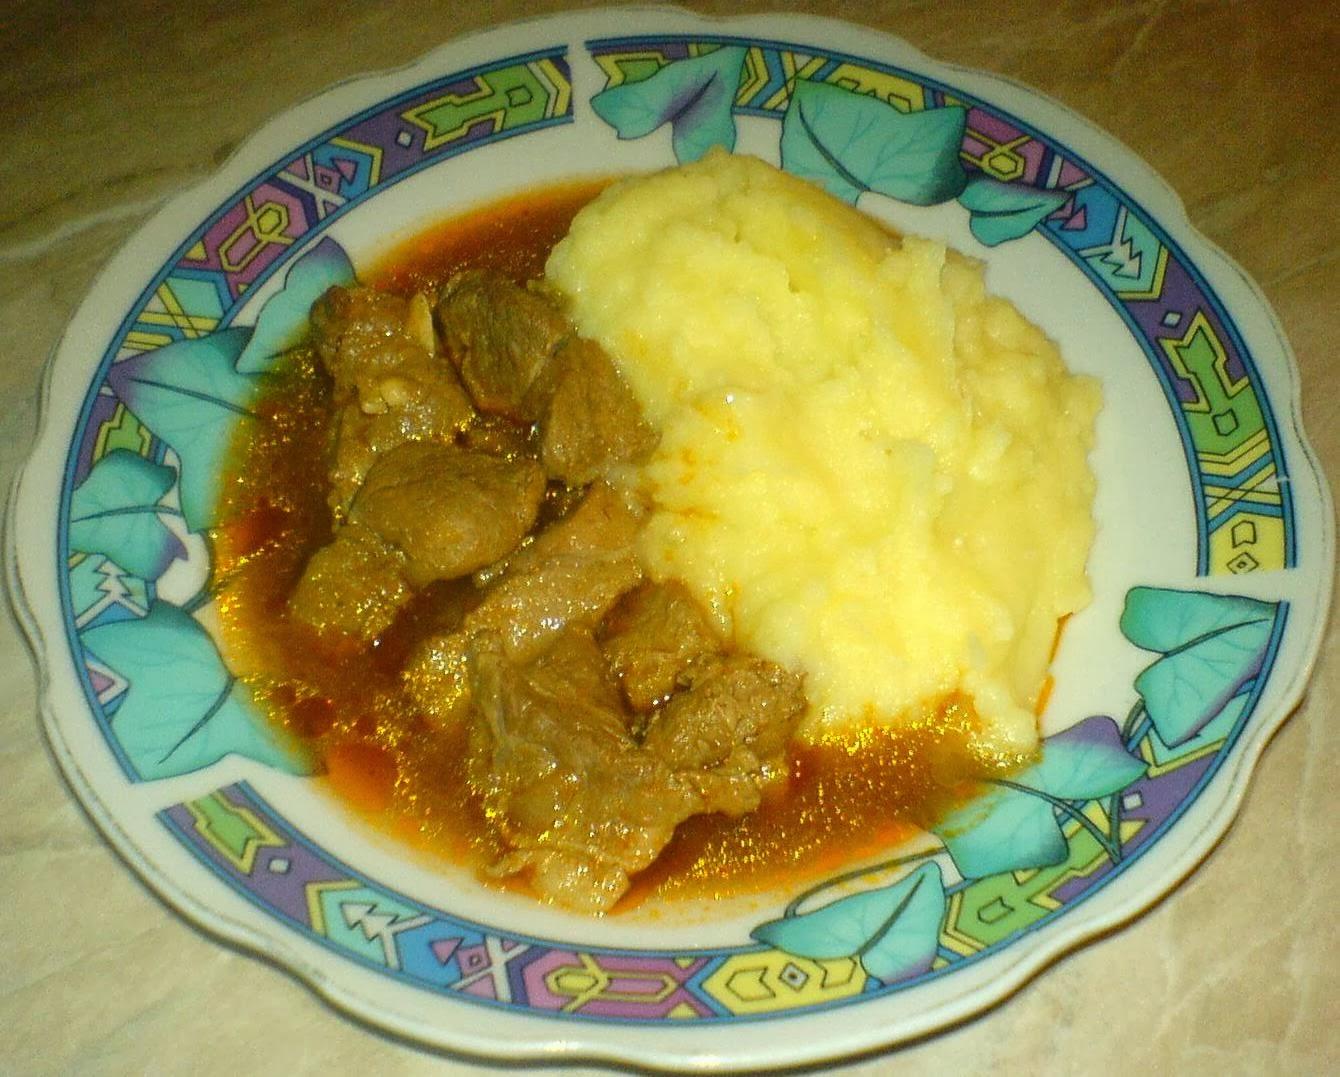 ostropel cu piure de cartofi, retete culinare, preparate culinare, piure cu sos, retete de mancare, retete cu porc,